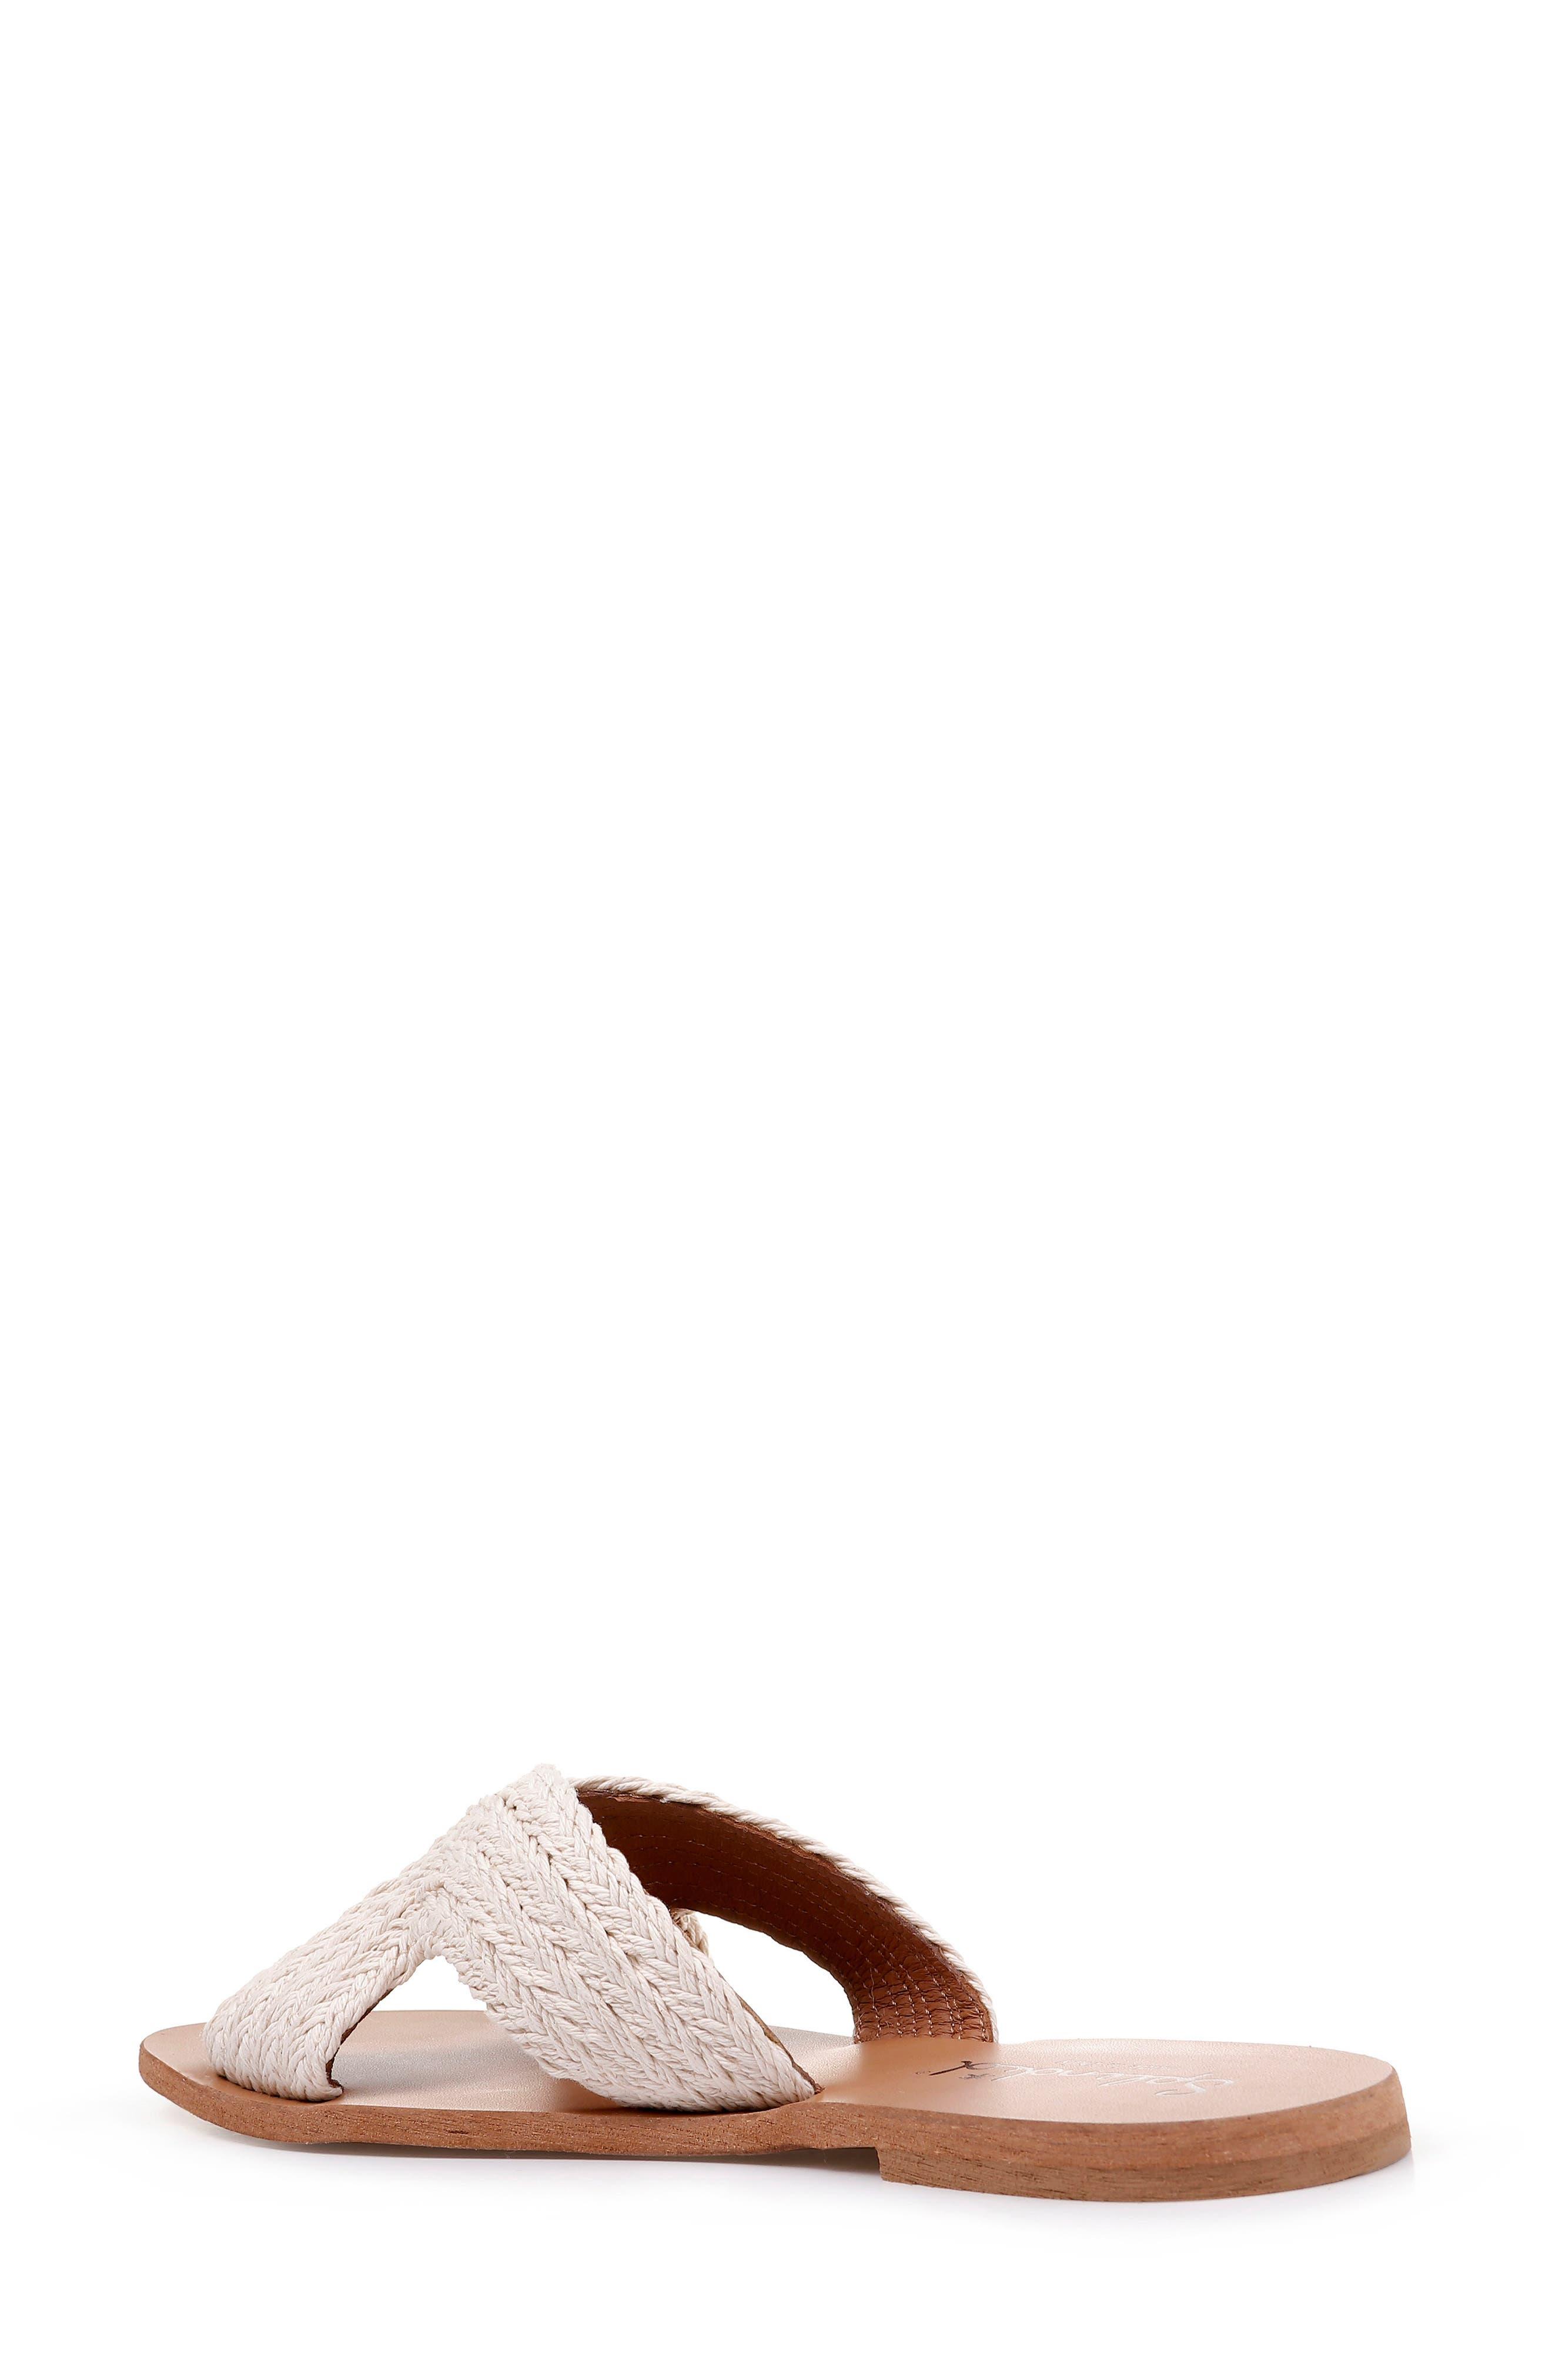 Sydney Woven Slide Sandal,                             Alternate thumbnail 2, color,                             CREAM FABRIC